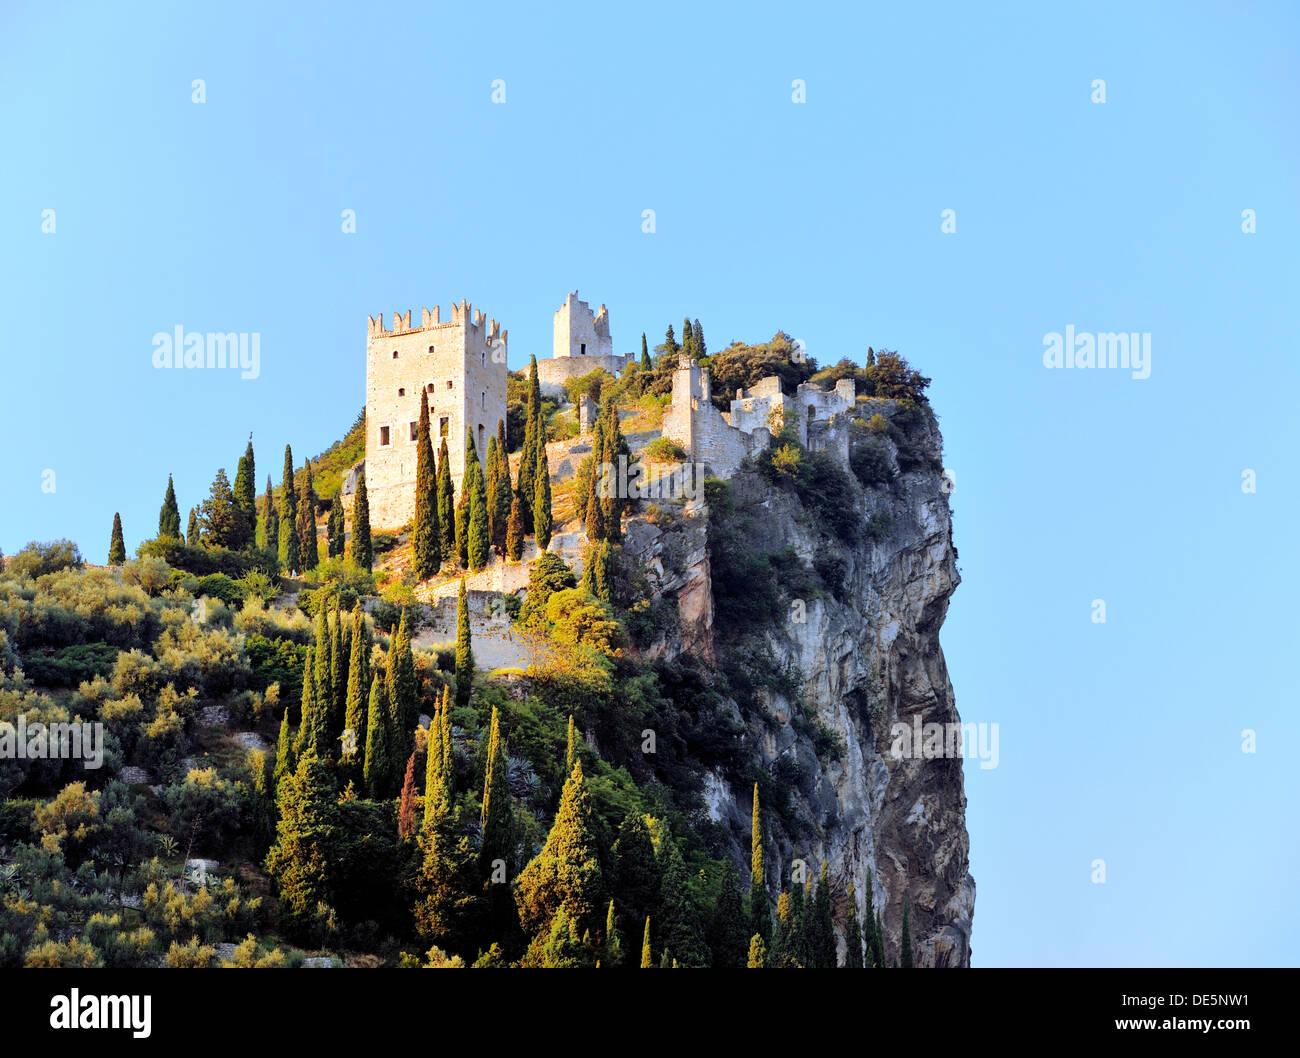 Il Castello D'Arco della collina del castello su scogliere calcaree sopra la città di Arco sul lago di Garda in Alto Adige Italia Immagini Stock